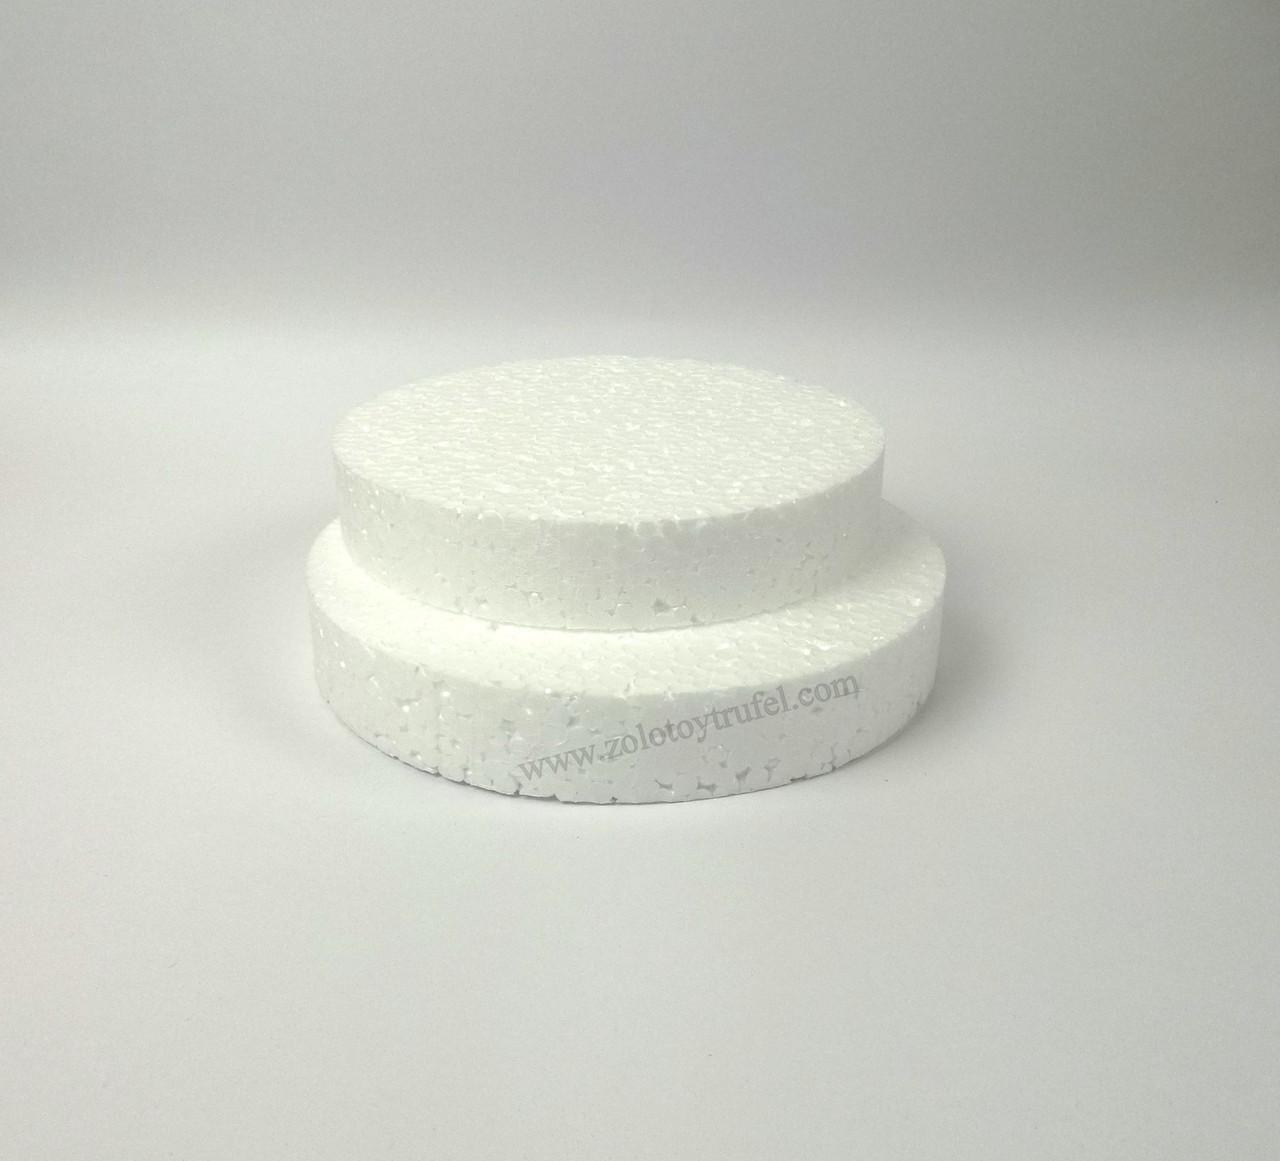 Прослойки пенопластовые для торта d 36 см h 3 см